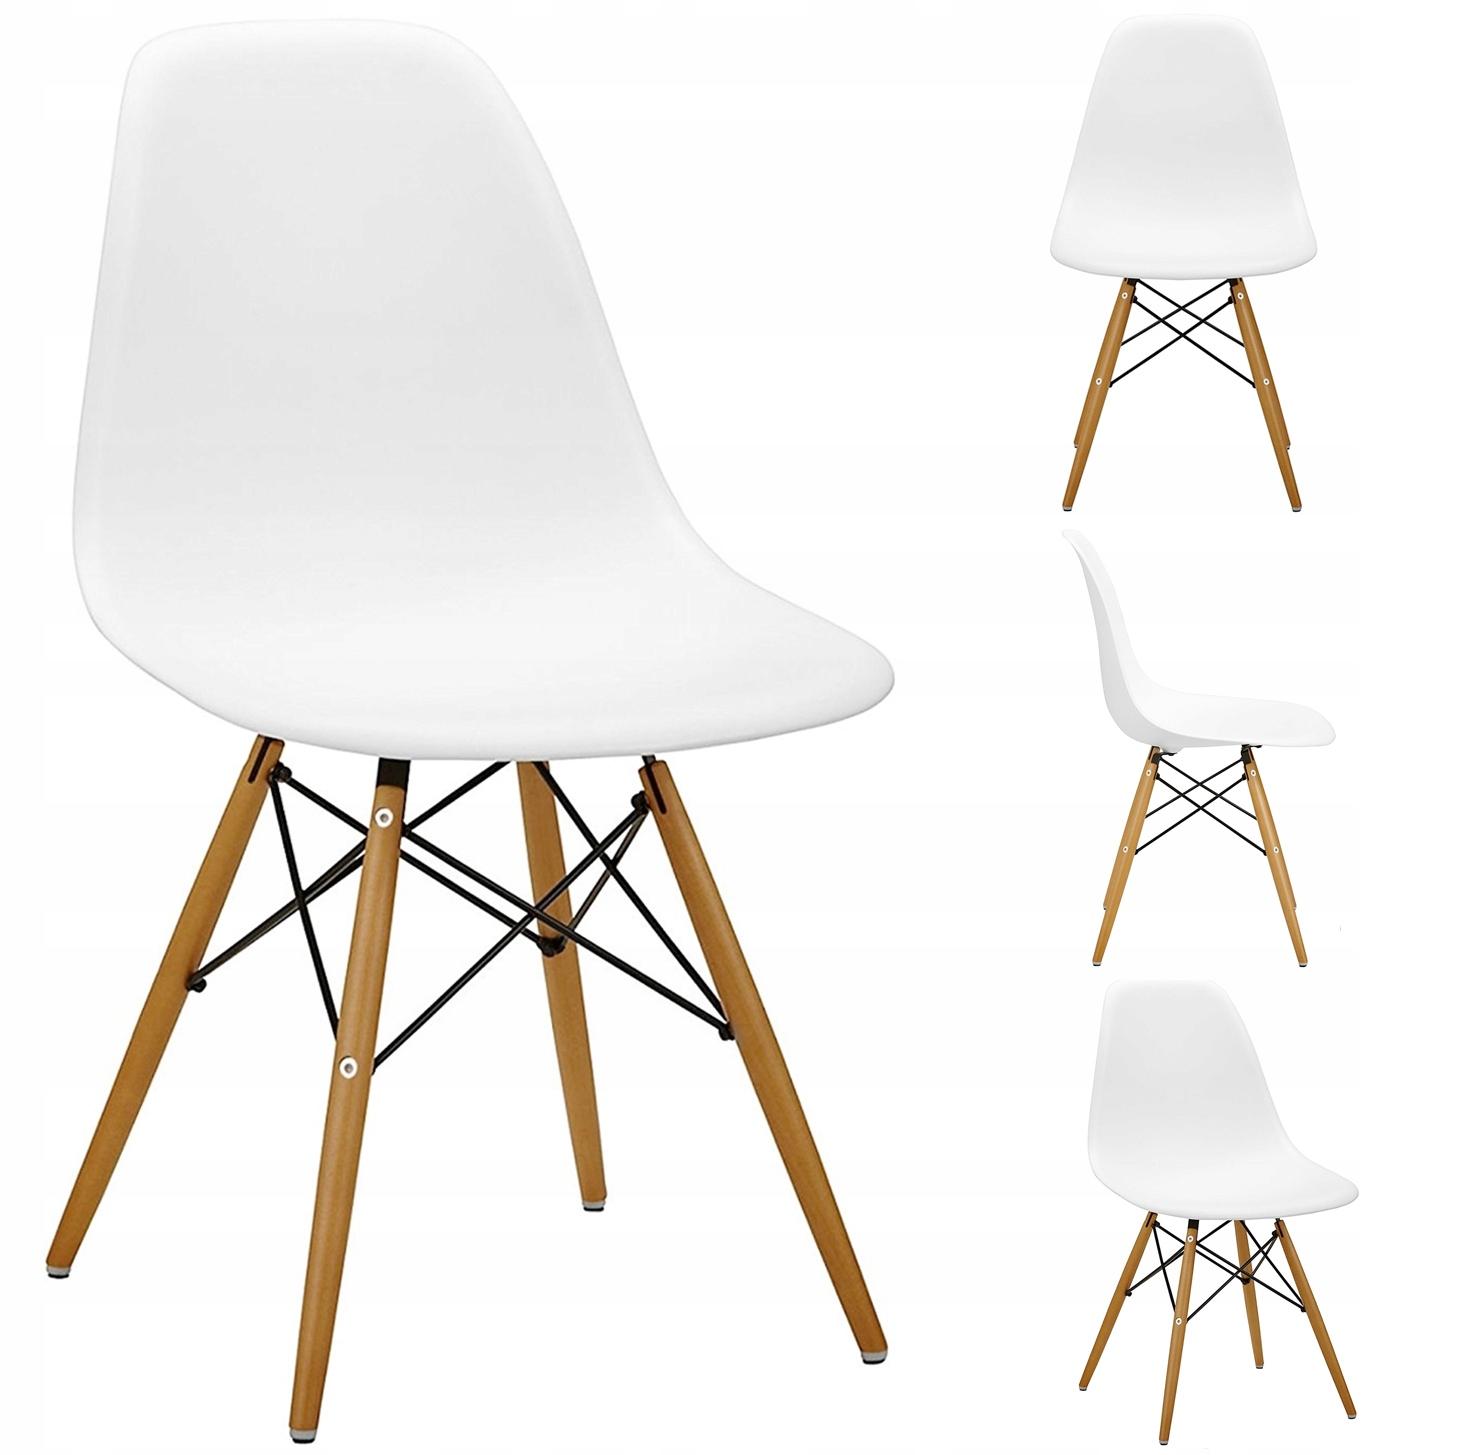 Stół + 4 Krzesła Nowoczesny Skandynawski Styl DSW Liczba elementów w zestawie 5